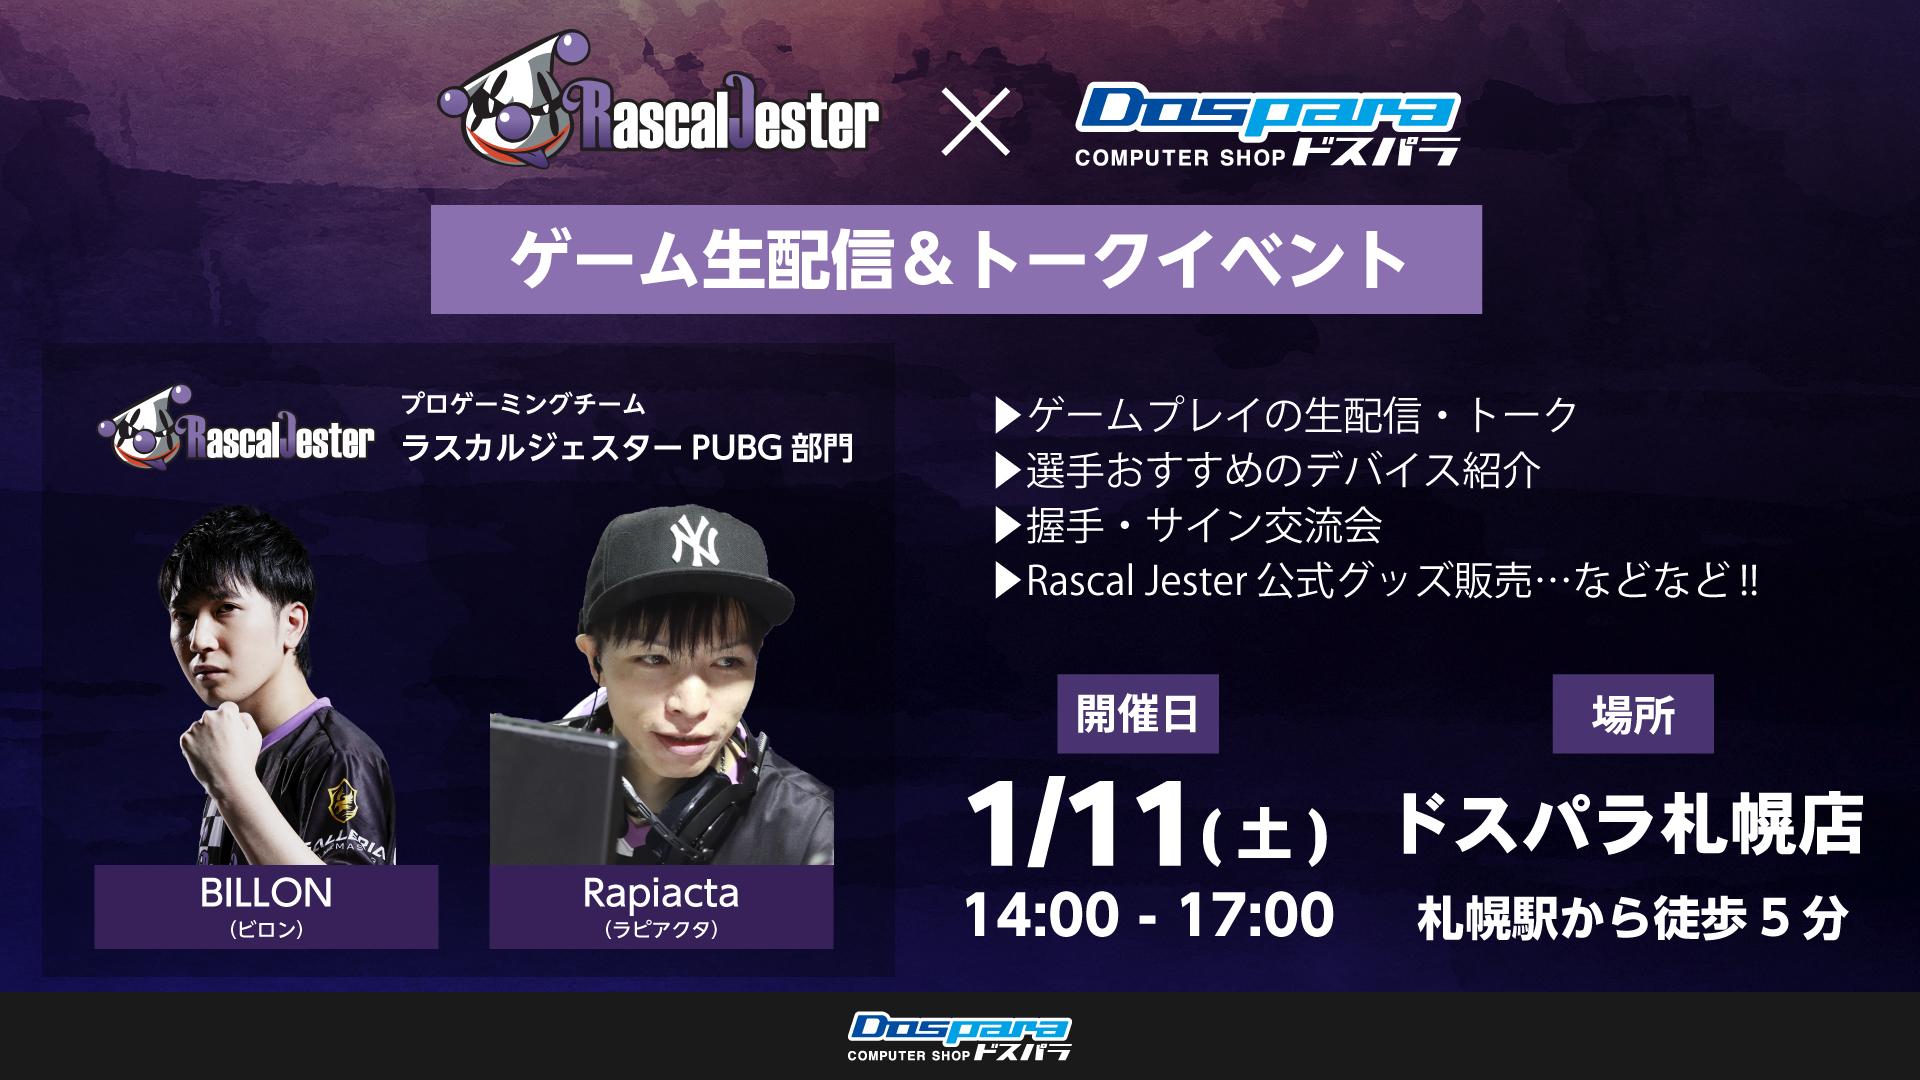 20200106_ドスパラ店舗イベント告知2_札幌